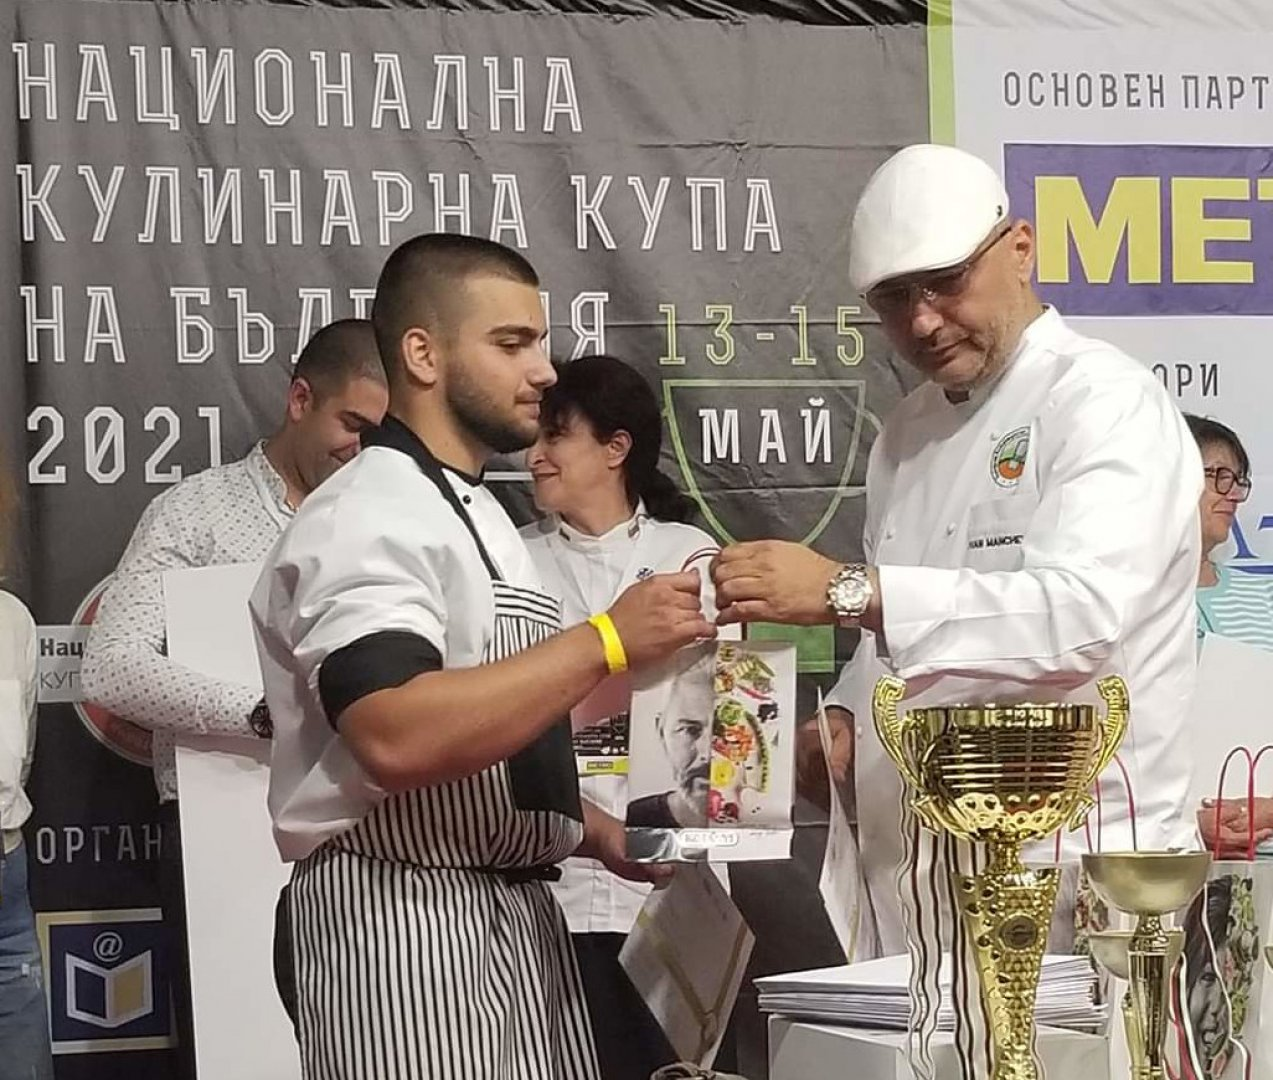 Шеф Иван Манчев връчи наградите на отличените. Снимки ПГТ